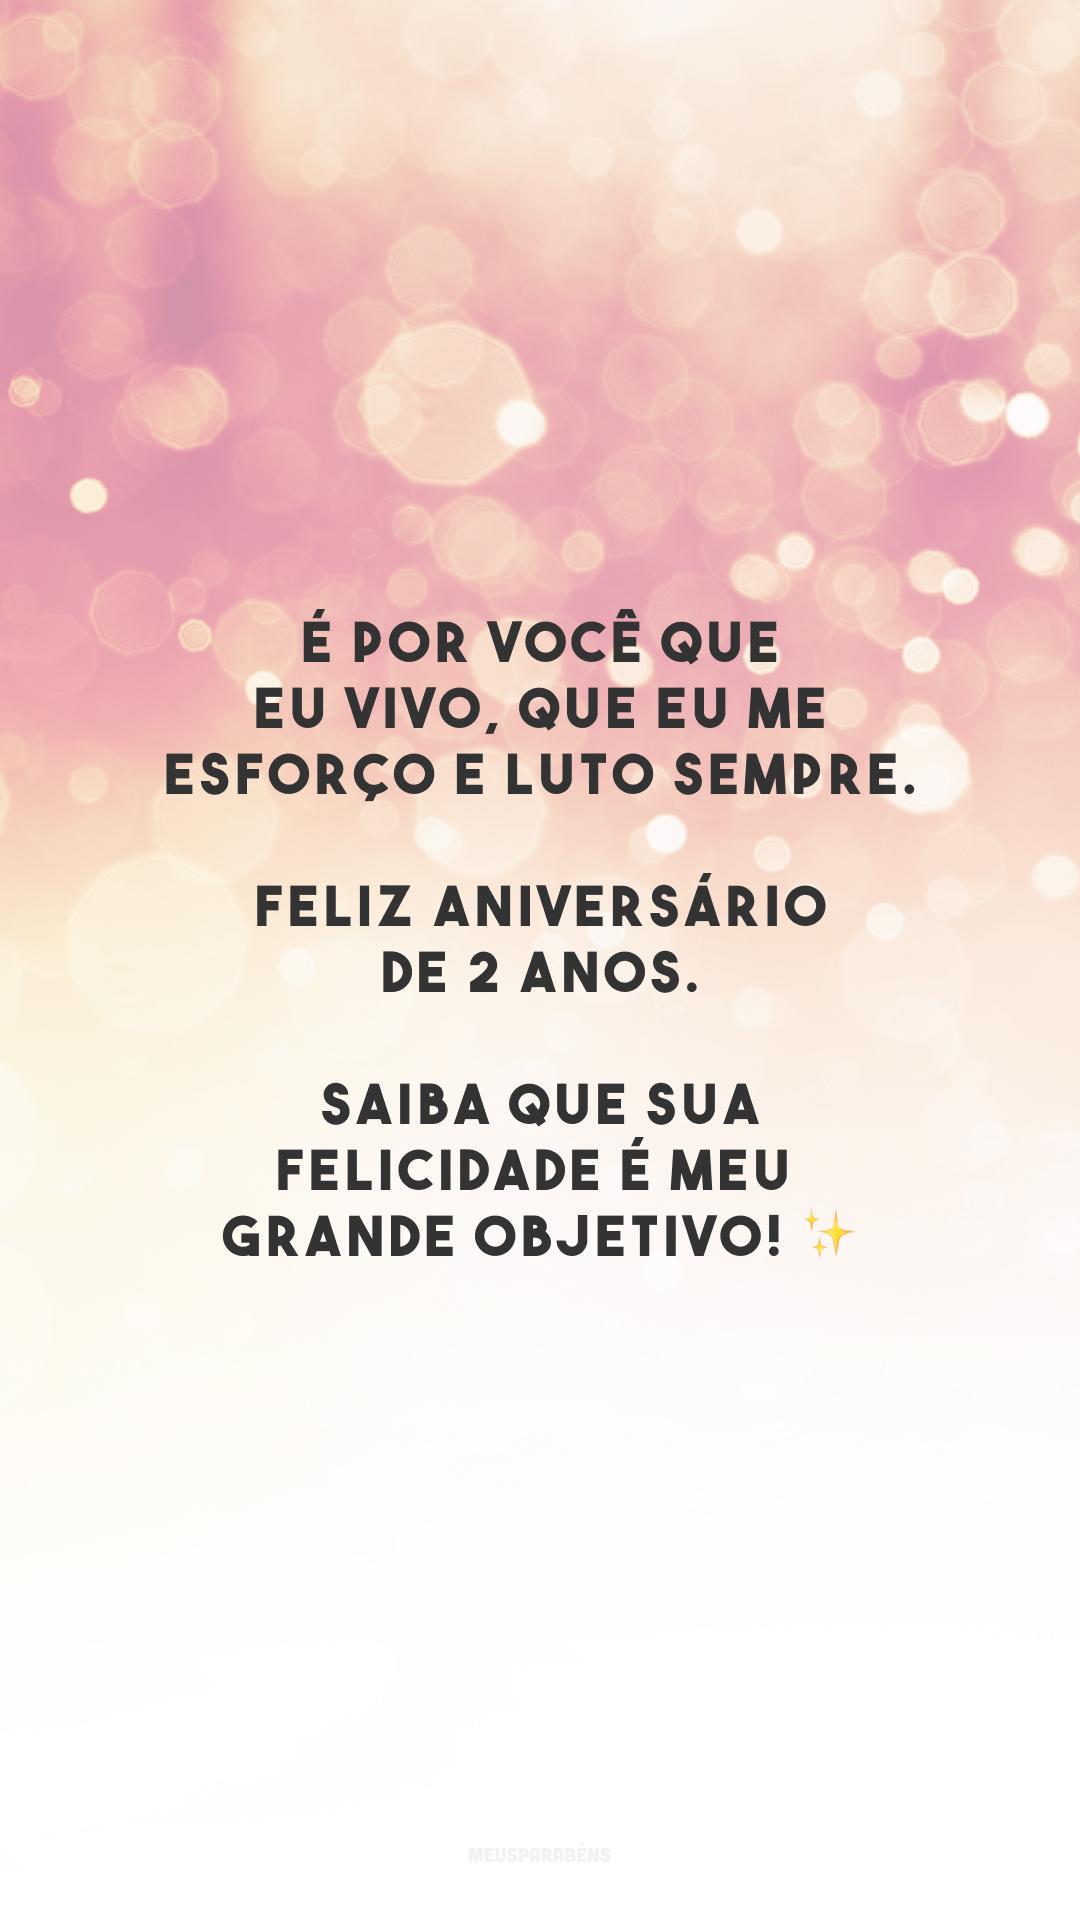 É por você que eu vivo, que eu me esforço e luto sempre. Feliz aniversário de 2 anos. Saiba que sua felicidade é meu grande objetivo! ✨